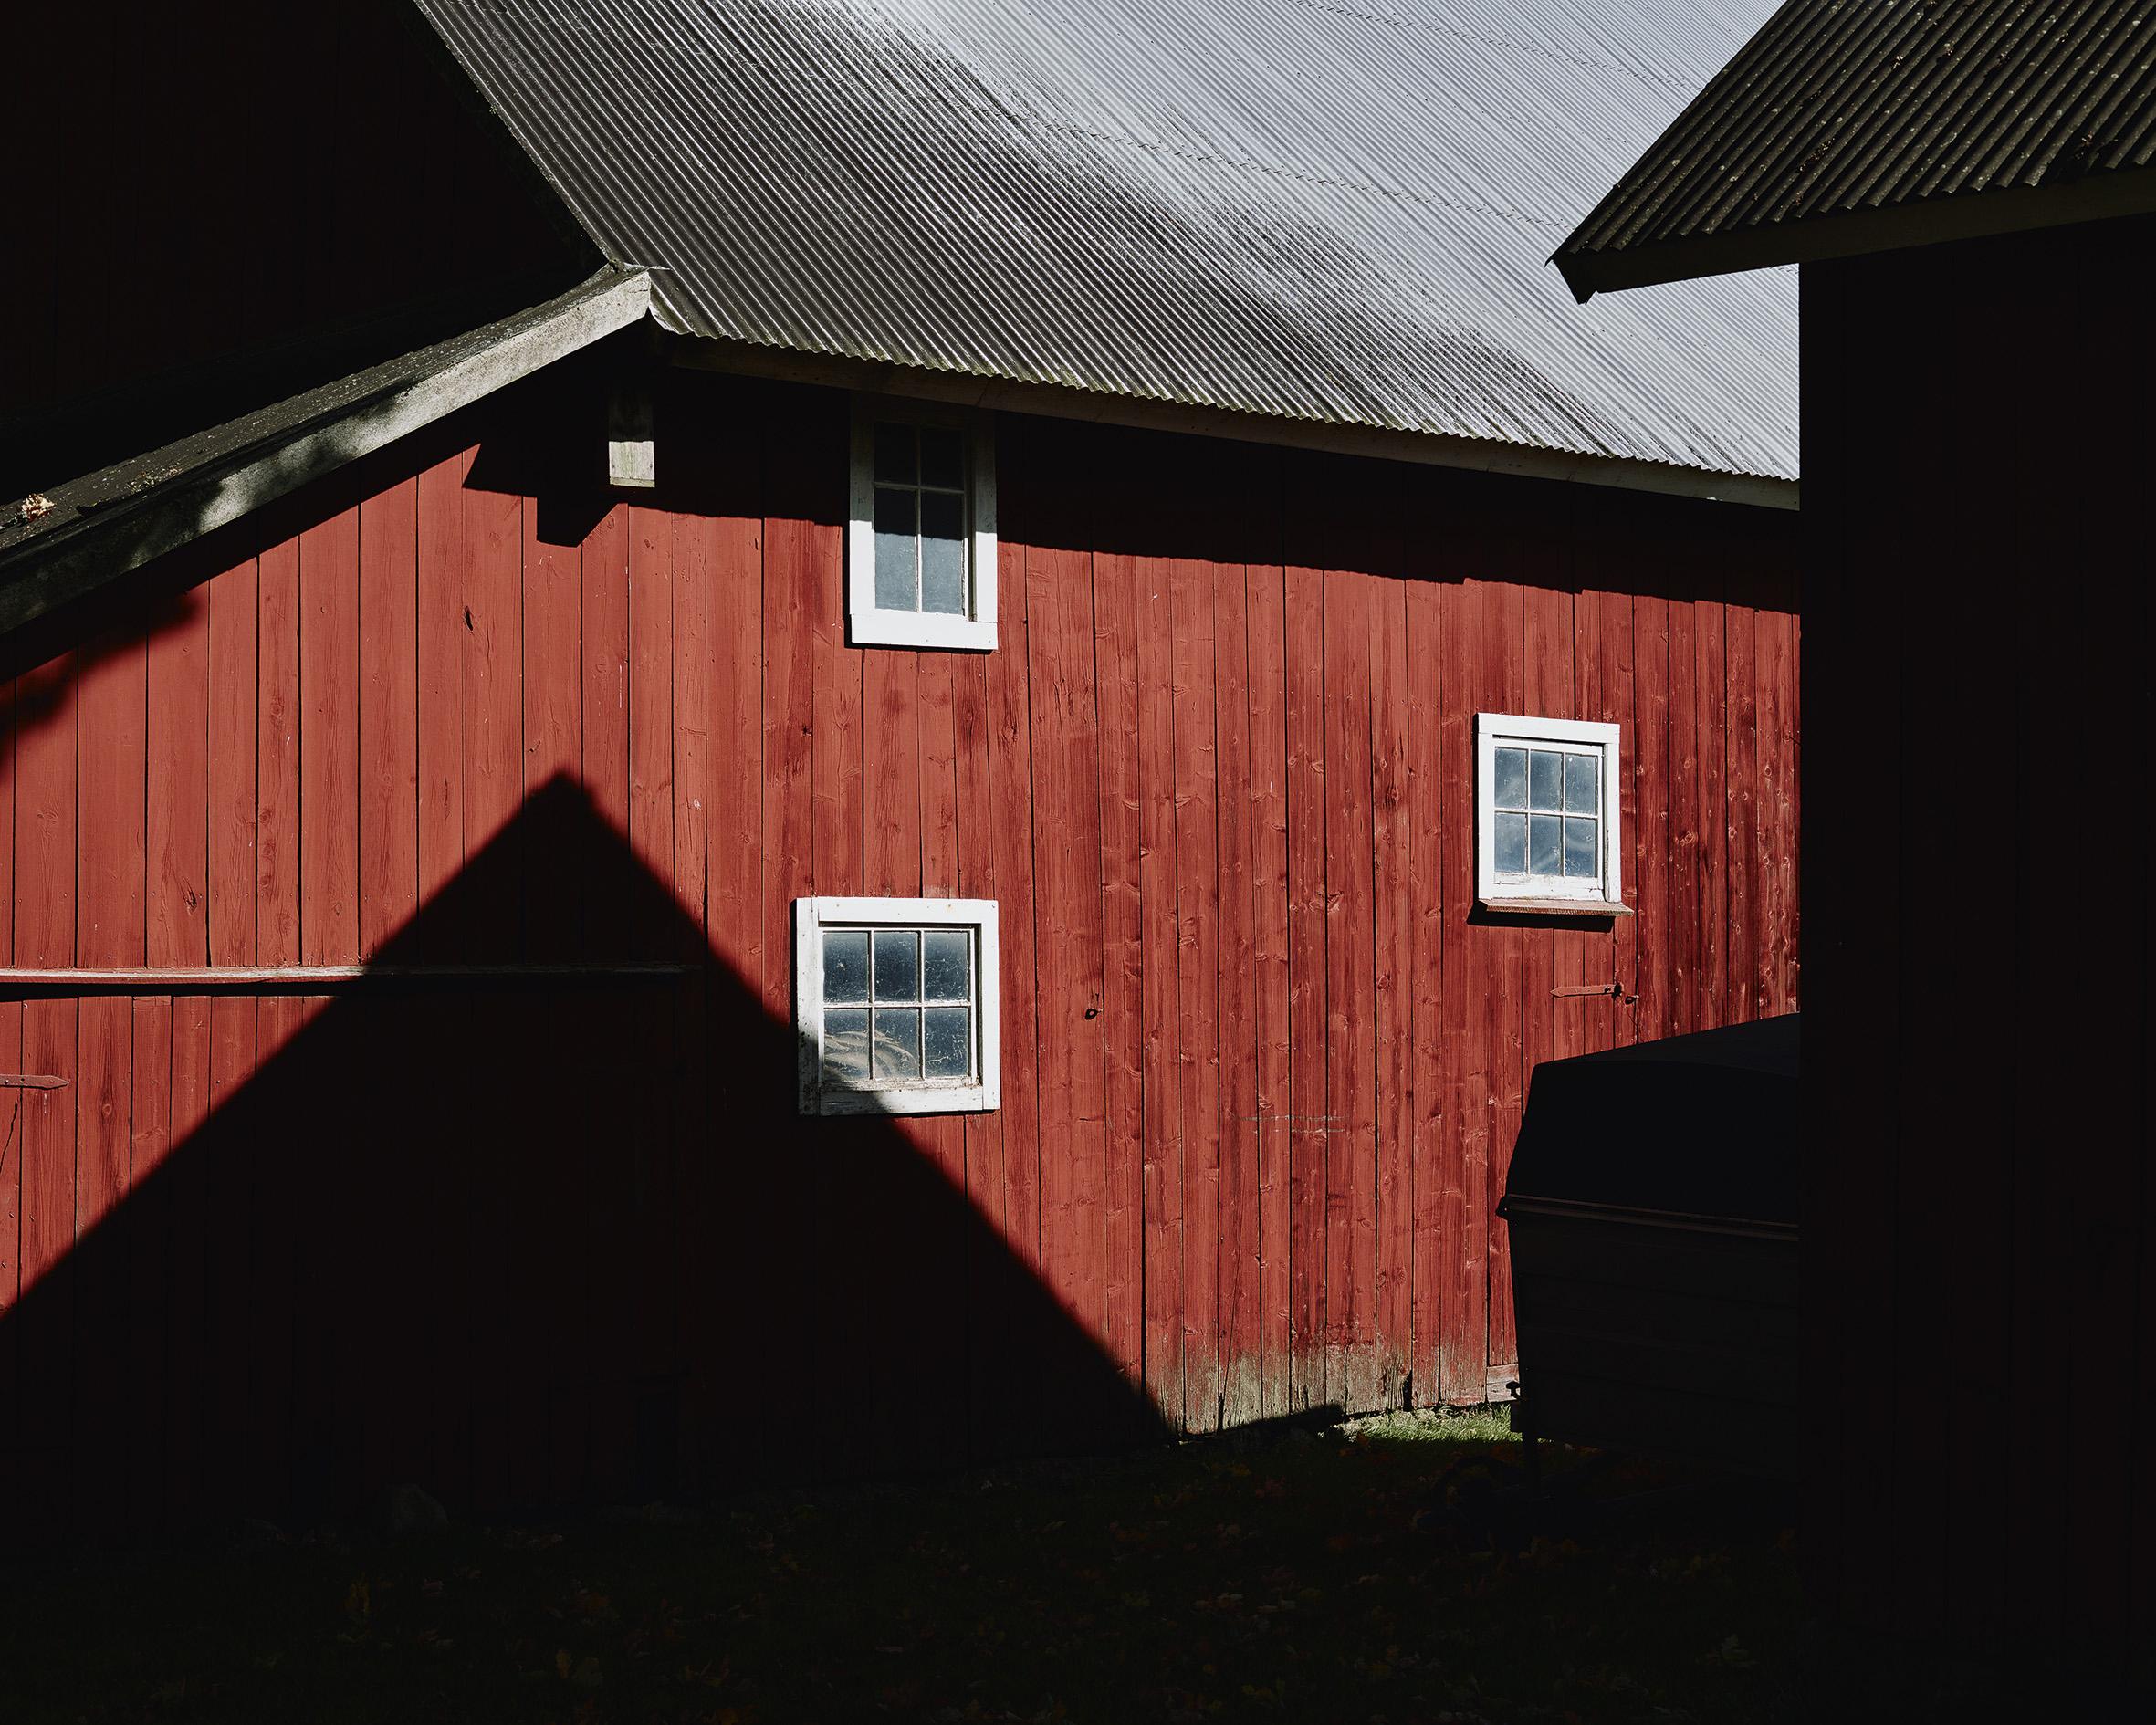 Öra, Västergötland, Sweden, September 7, 2012